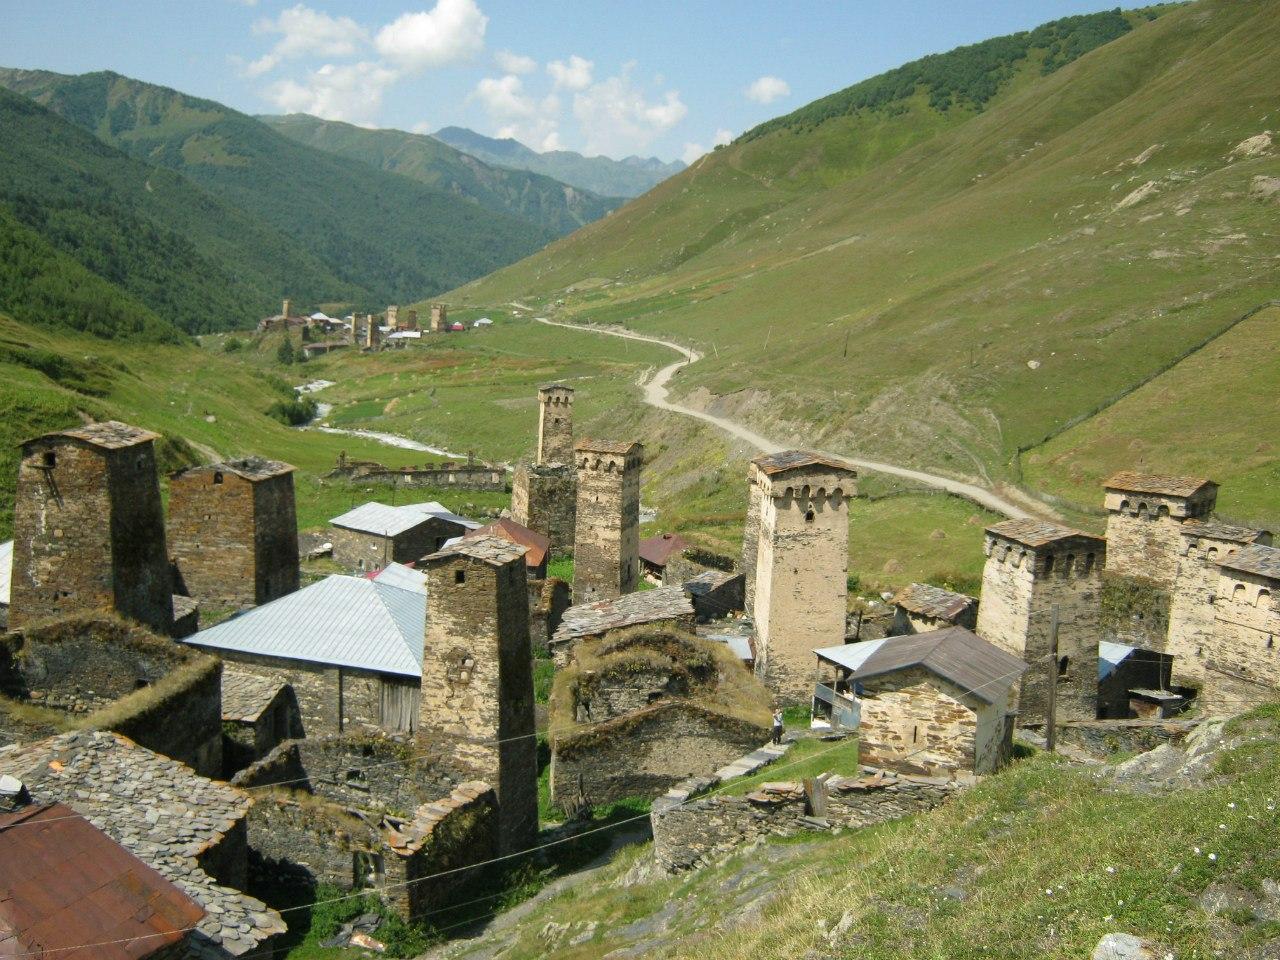 Нижняя часть общины Ушгули, самого верхнего селения в Сванетии и Грузии вообще - на высоте 2100 метров... Башни в общине Ушгули - самые известные в Грузии. В общине Ушгули (состоящем из 4 крохотных сёл) башен около 30 штук.